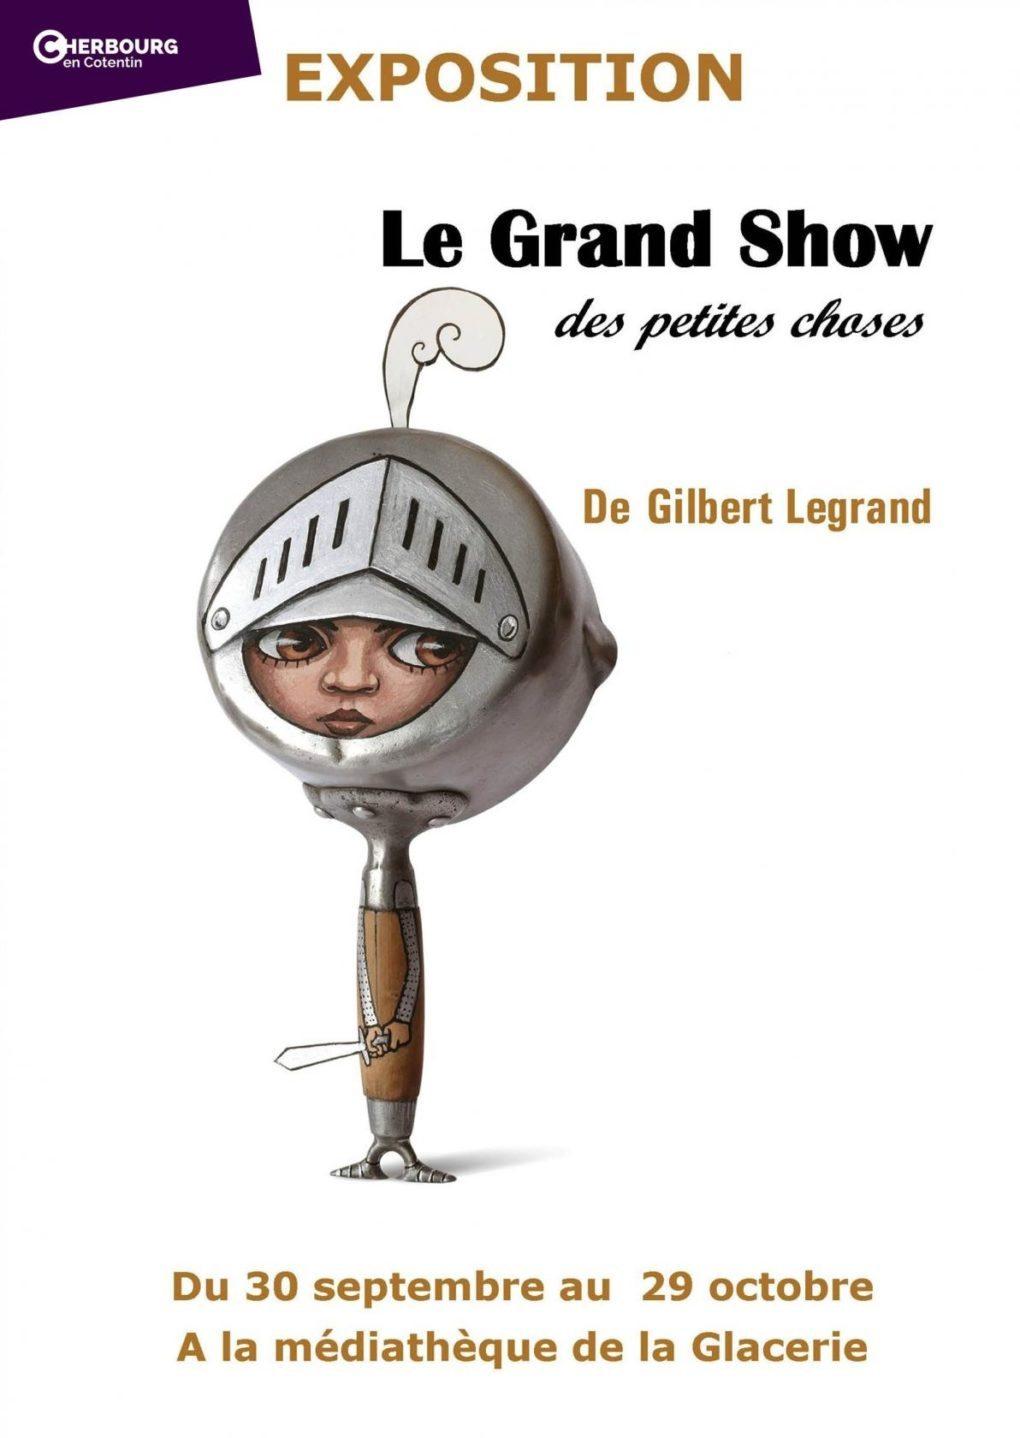 Le grand show des petites choses par Gilbert Legrand Cherbourg-en-Cotentin